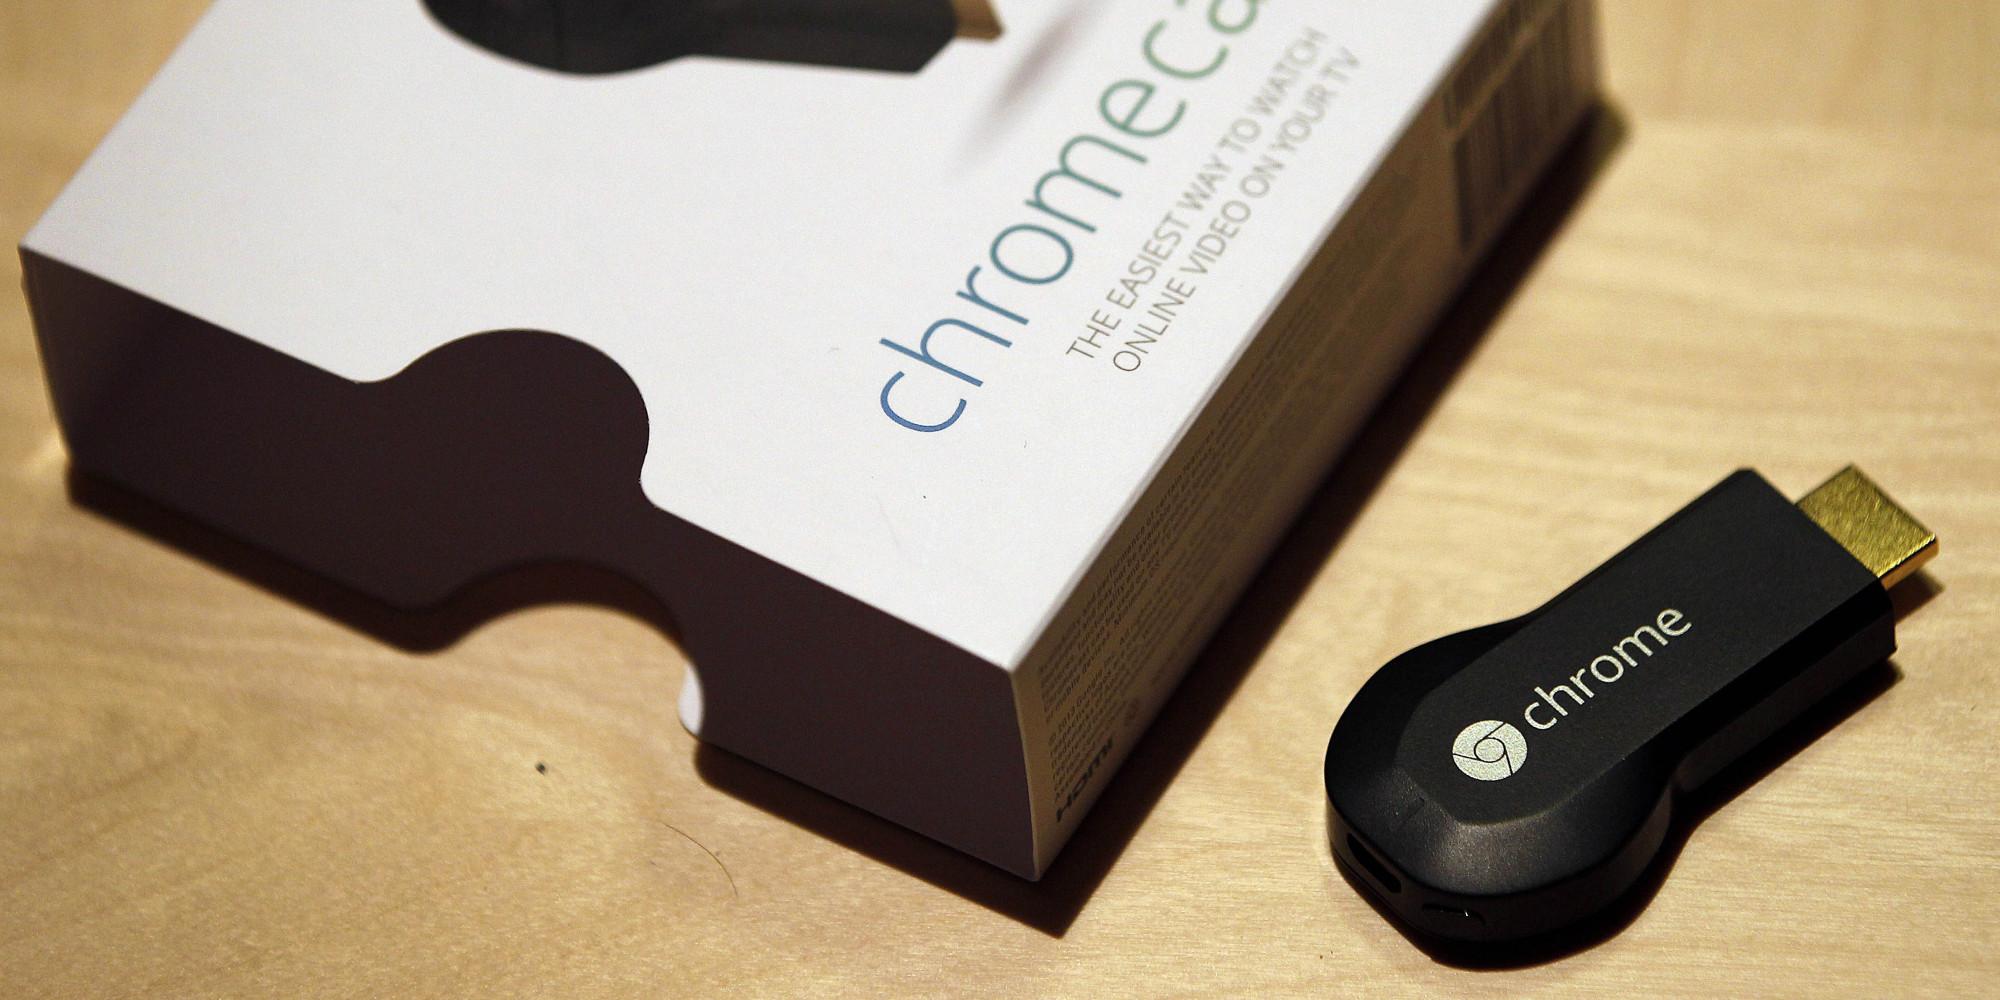 Chrome Chromecast